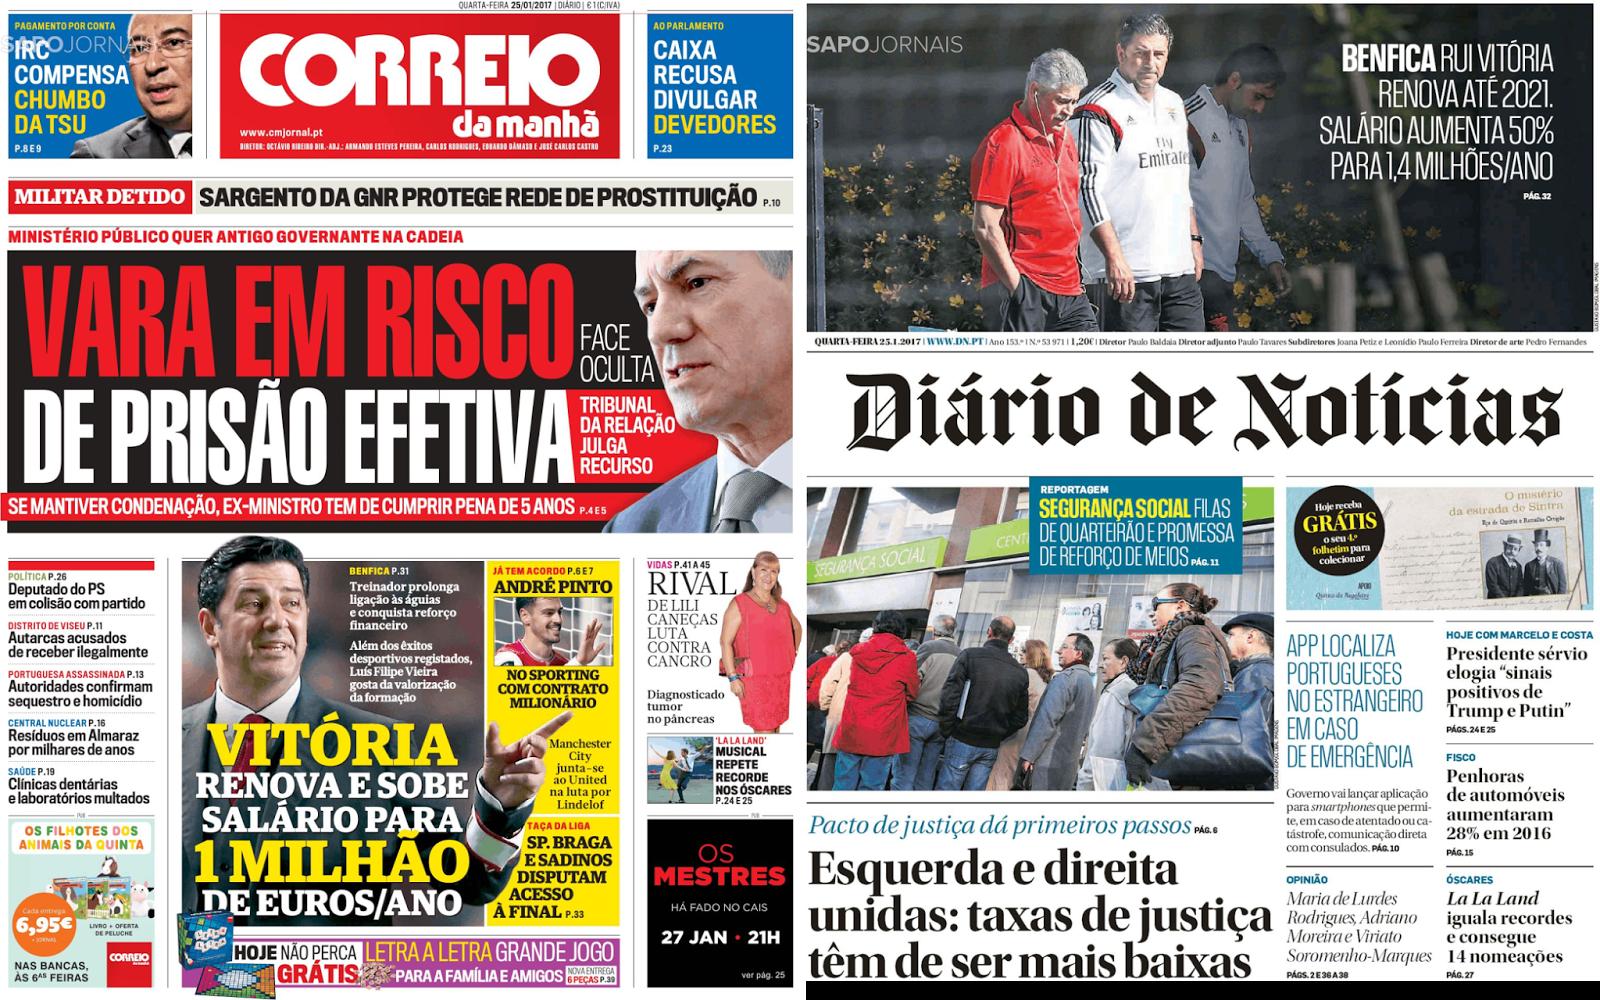 Nos generalistas a notícia teve alcance semelhante com dois enormes  destaques nas capas do Correio da Manhã e Diário de Notícias. 80193c43dbd60